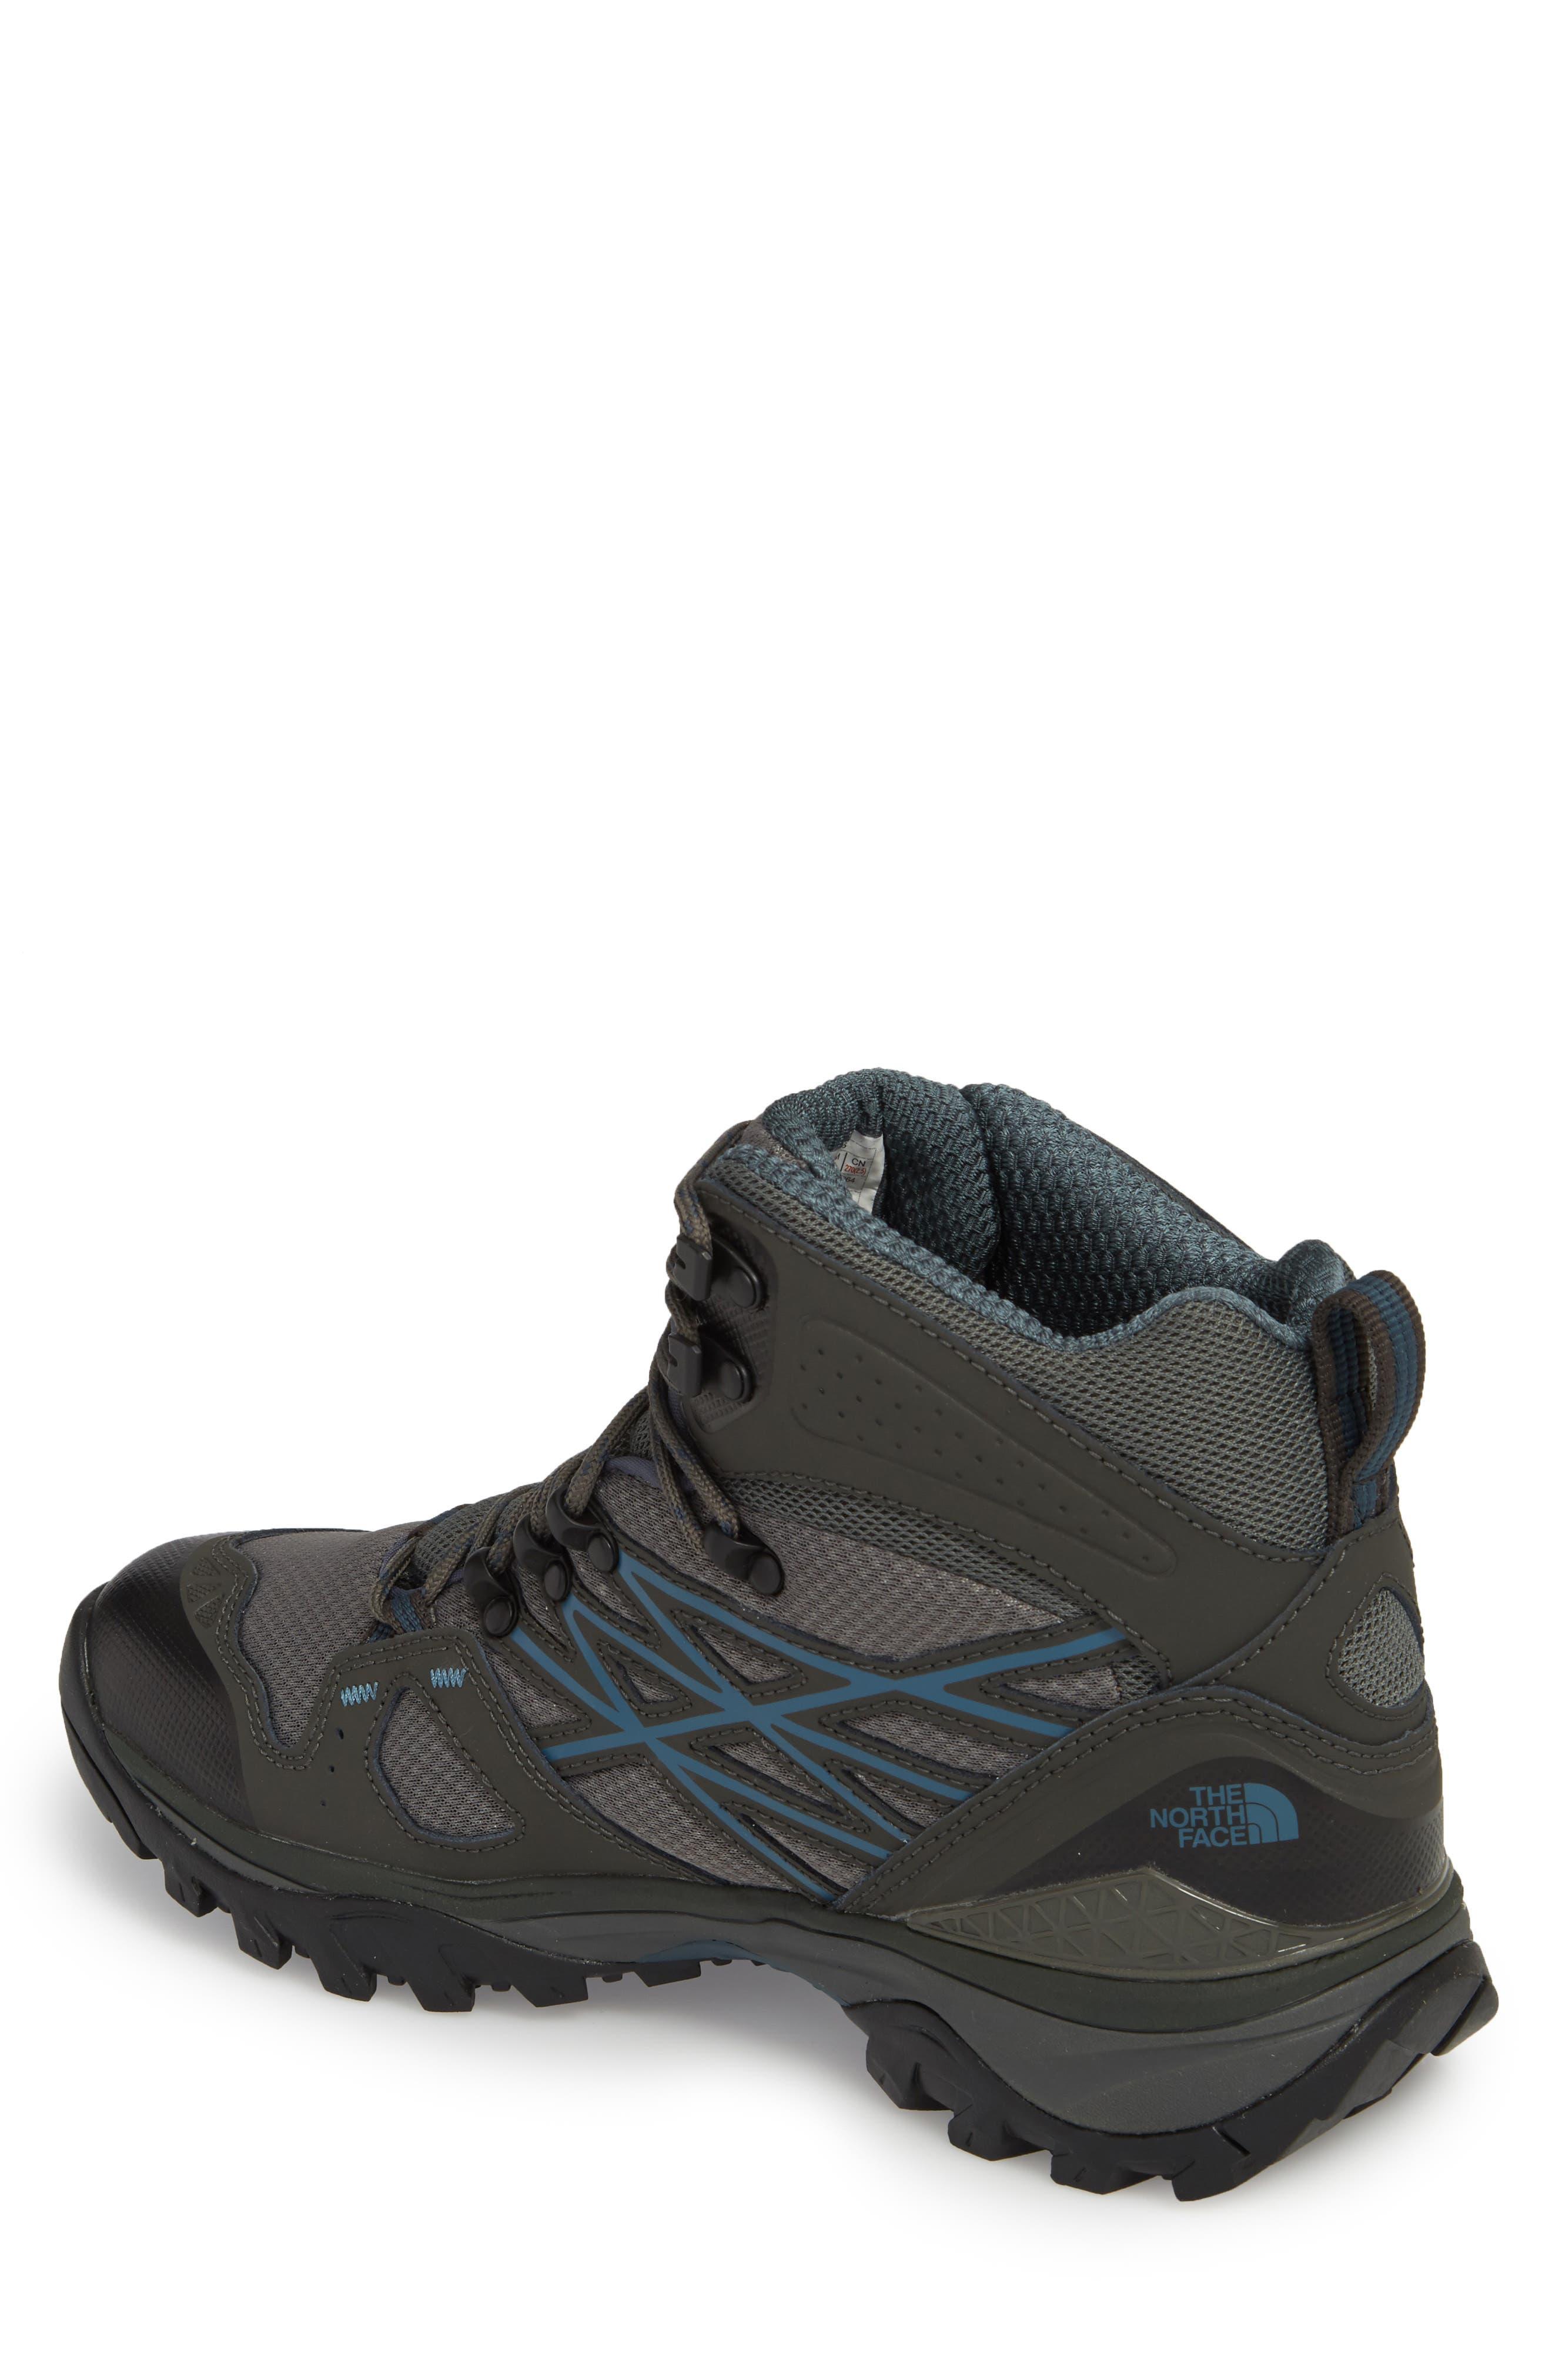 Hedgehog Fastpack Mid Gore-Tex<sup>®</sup> Waterproof Hiking Shoe,                             Alternate thumbnail 2, color,                             020